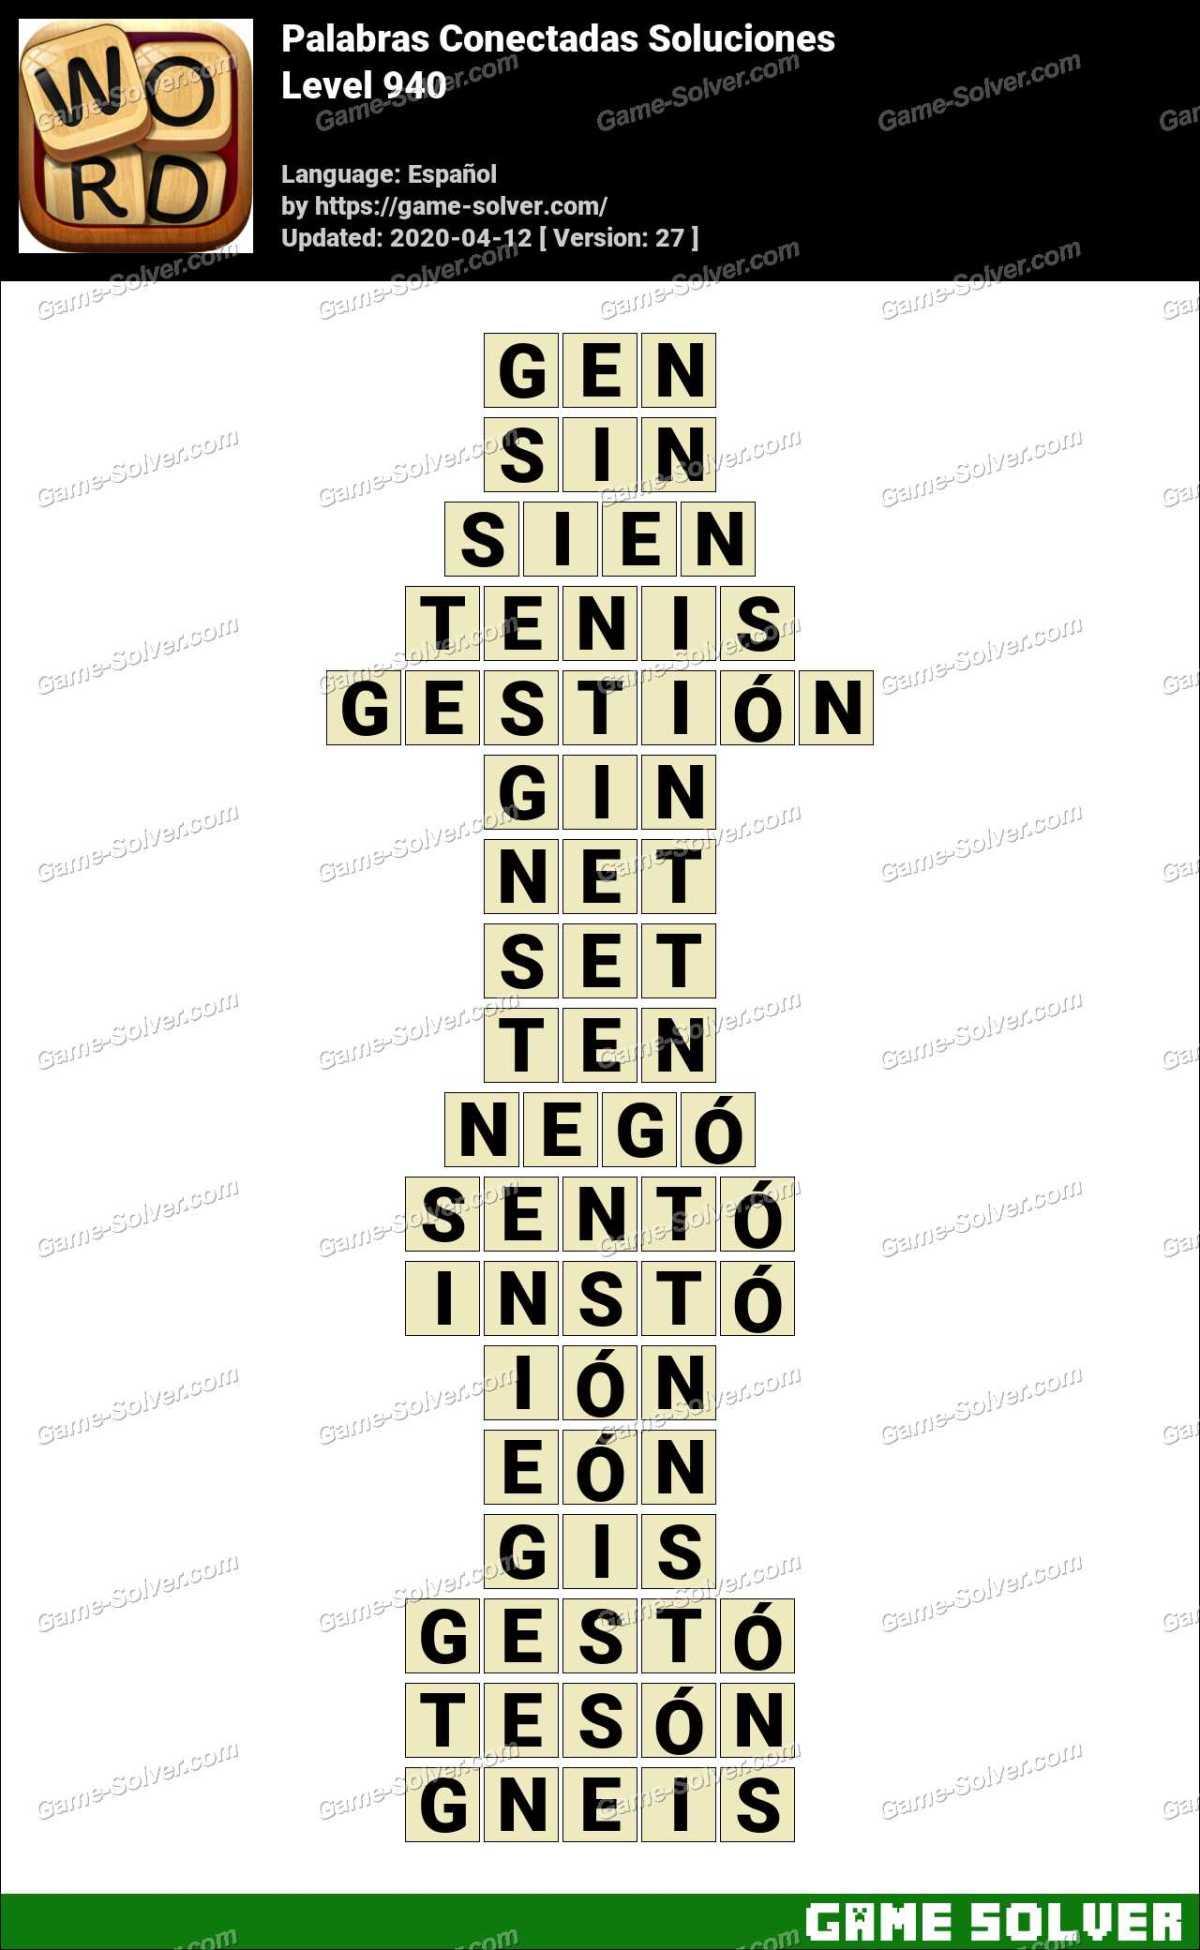 Palabras Conectadas Nivel 940 Soluciones